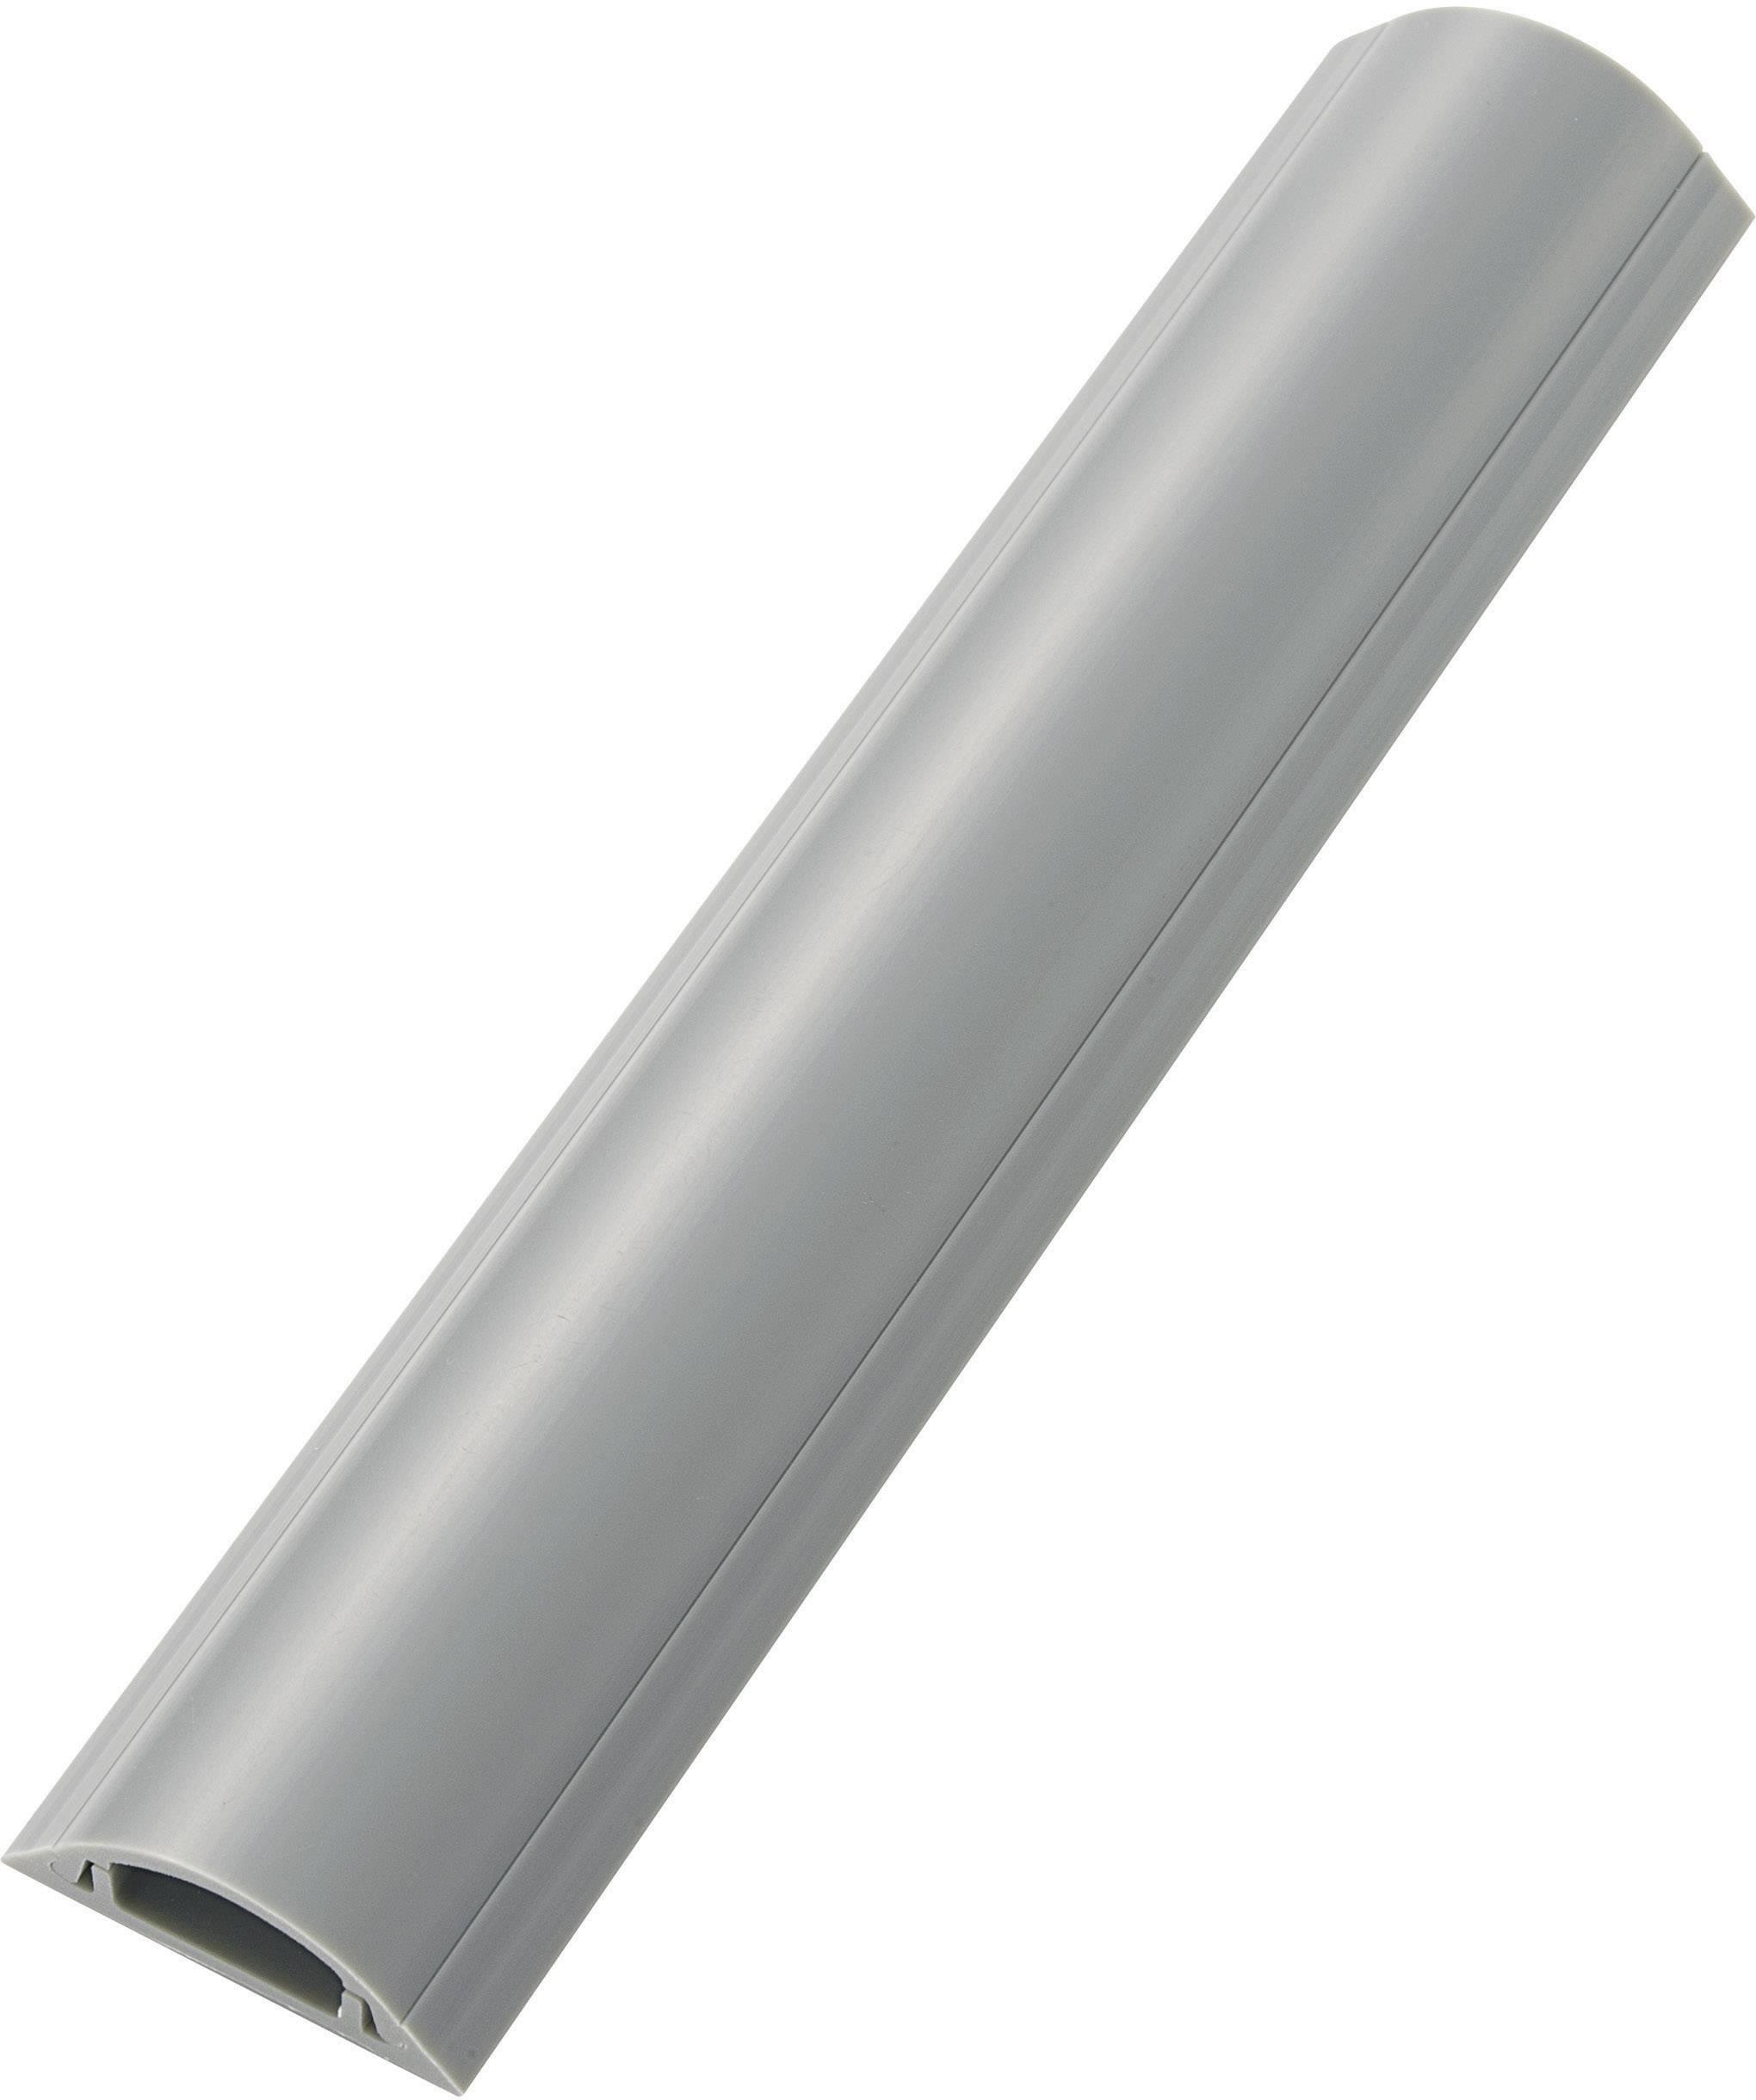 Káblový mostík KSS 547567 RDAR30AWM, (d x š x v) 1000 x 28.80 x 74 mm, sivá, 1 ks